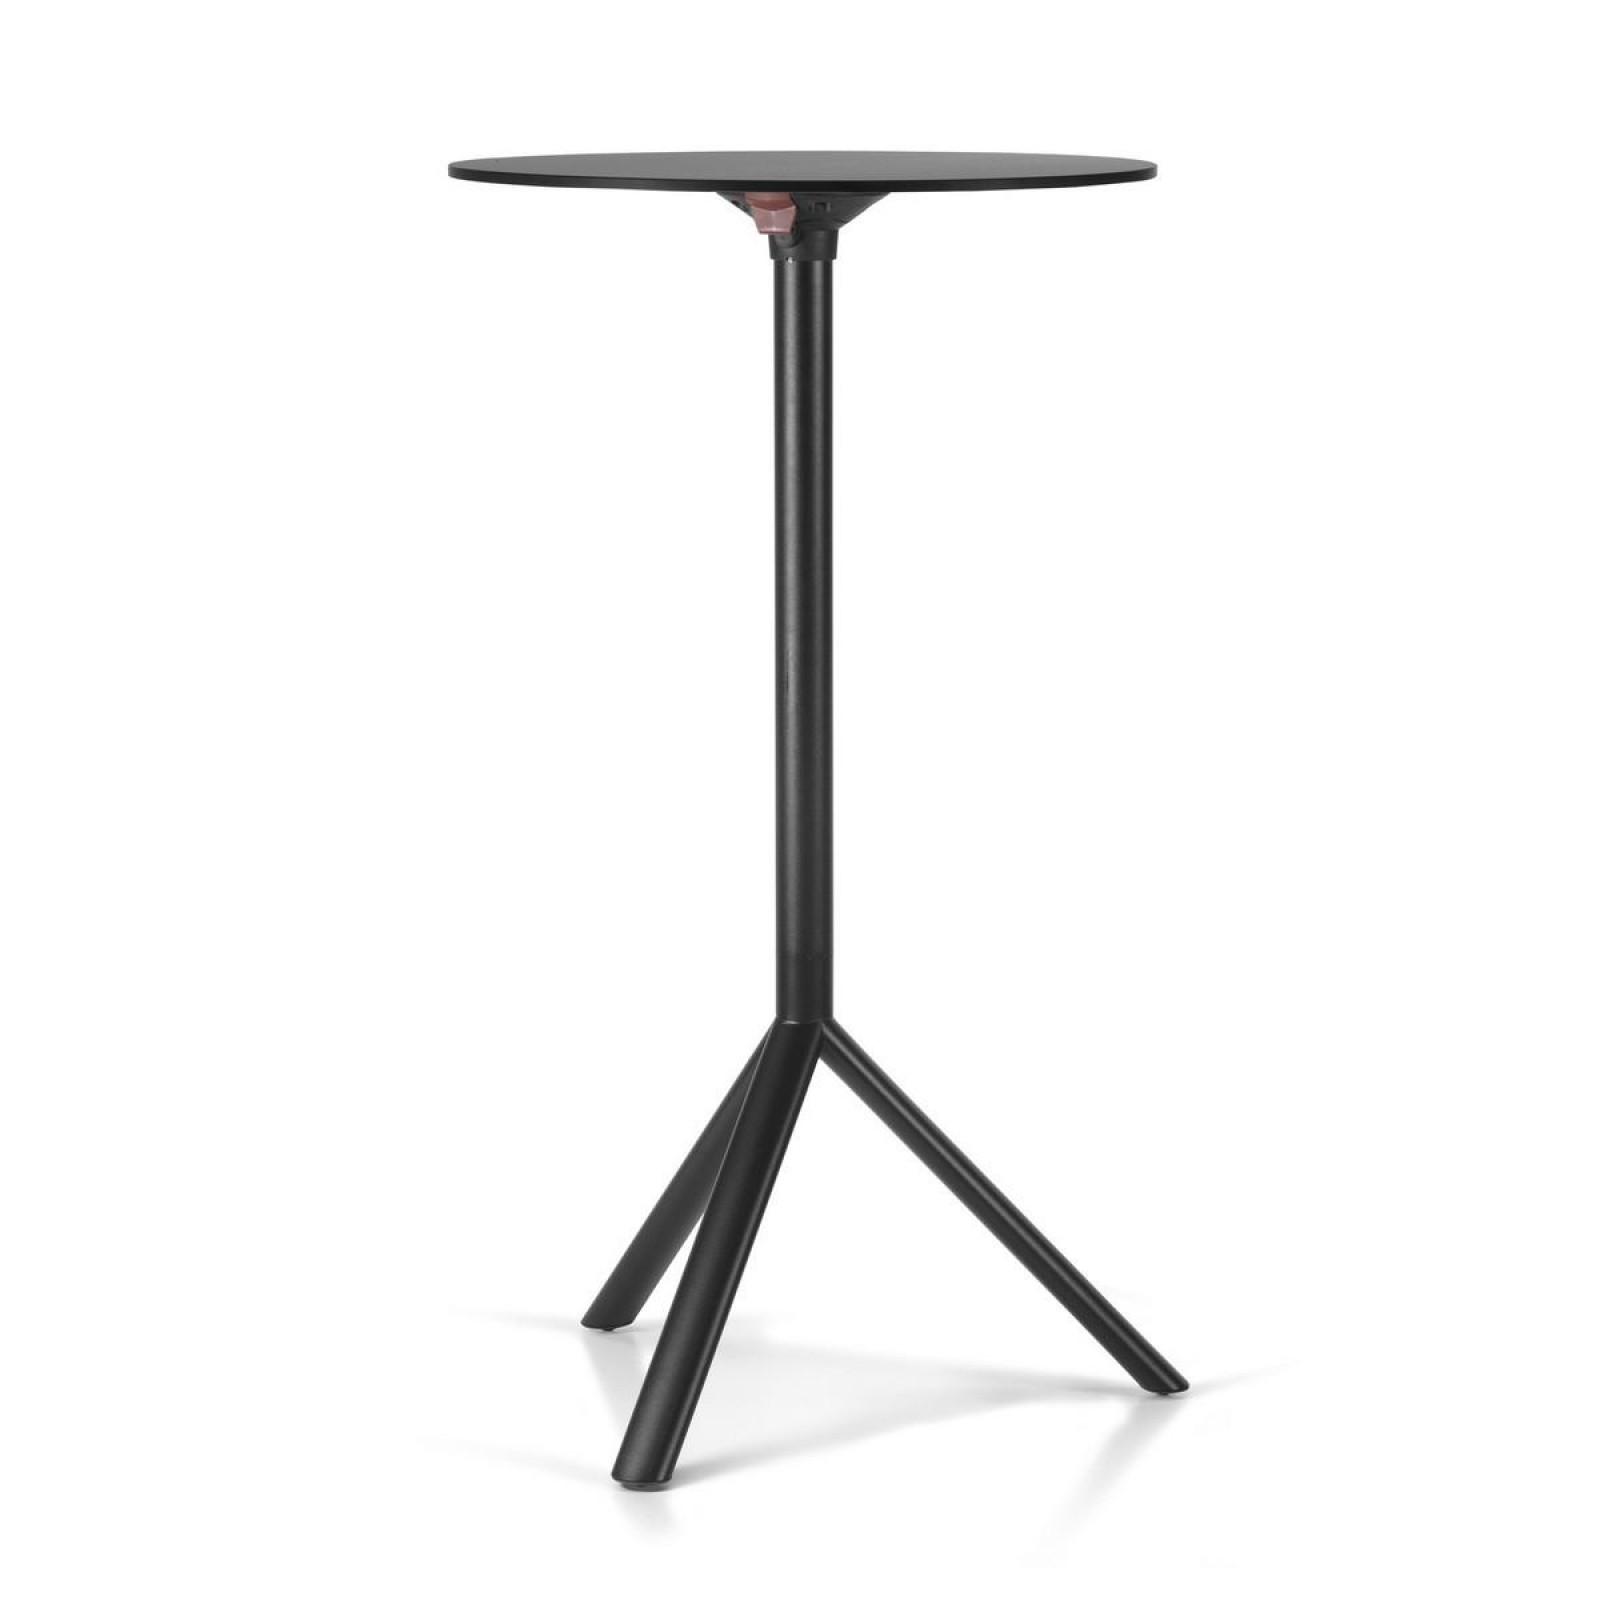 MIURA High Round Table - PLANK-Black-Diameter 70 cm Black Laminate